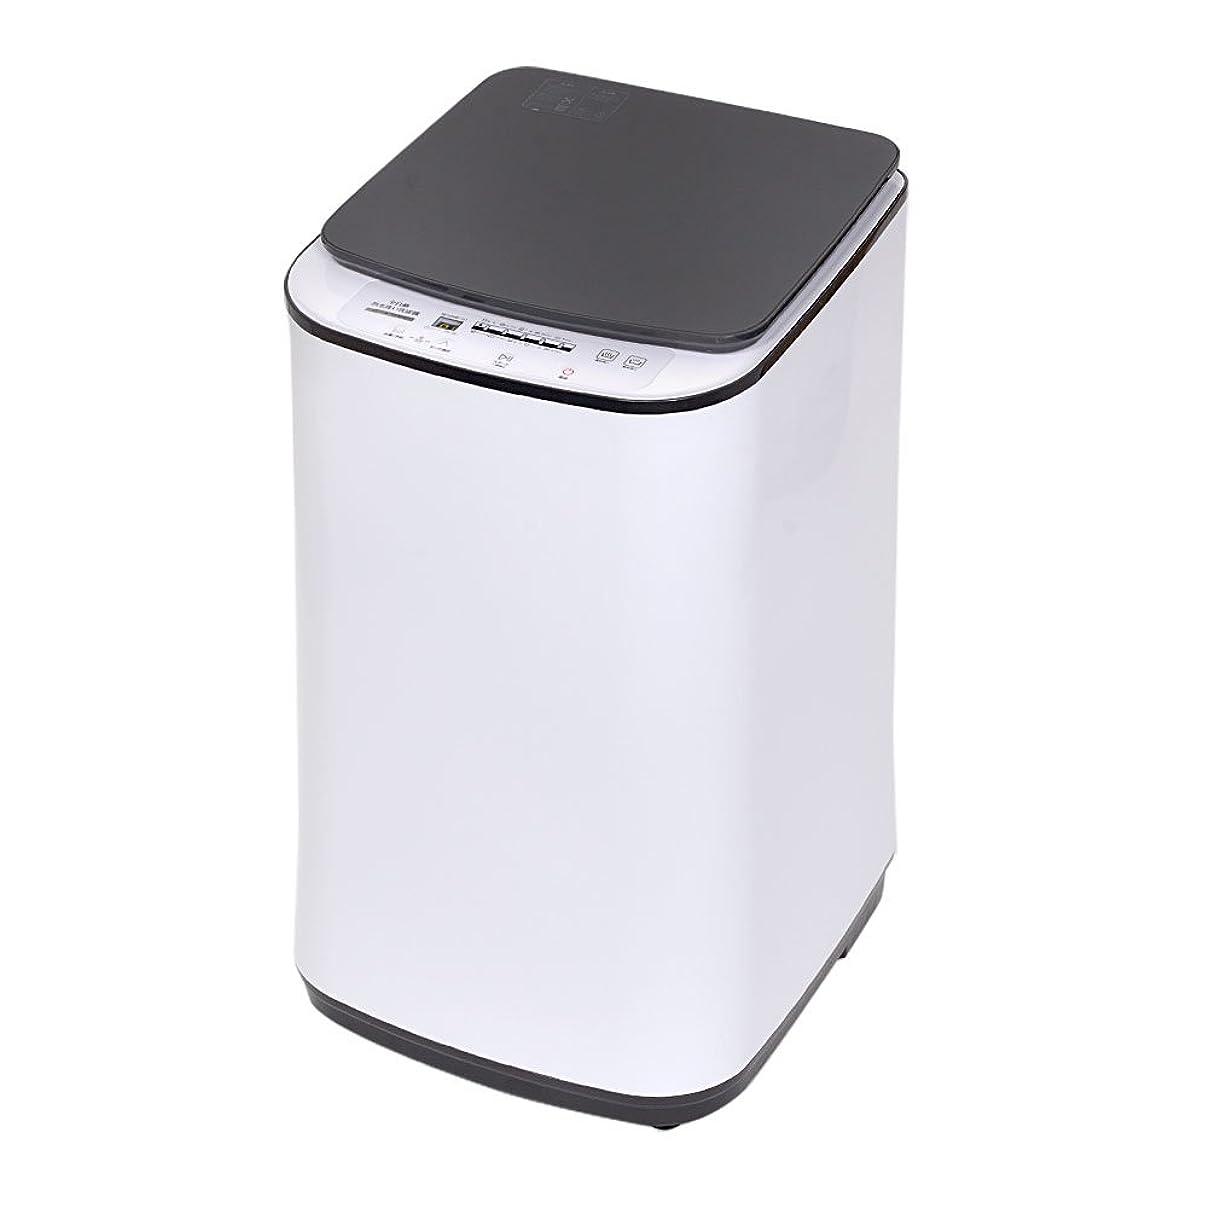 全自動小型熱水洗濯機「ニオイウォッシュ」 HTWATCNL 【 熱水洗濯 80℃ 除菌 ニオイ対策 洗濯モード10種類 】